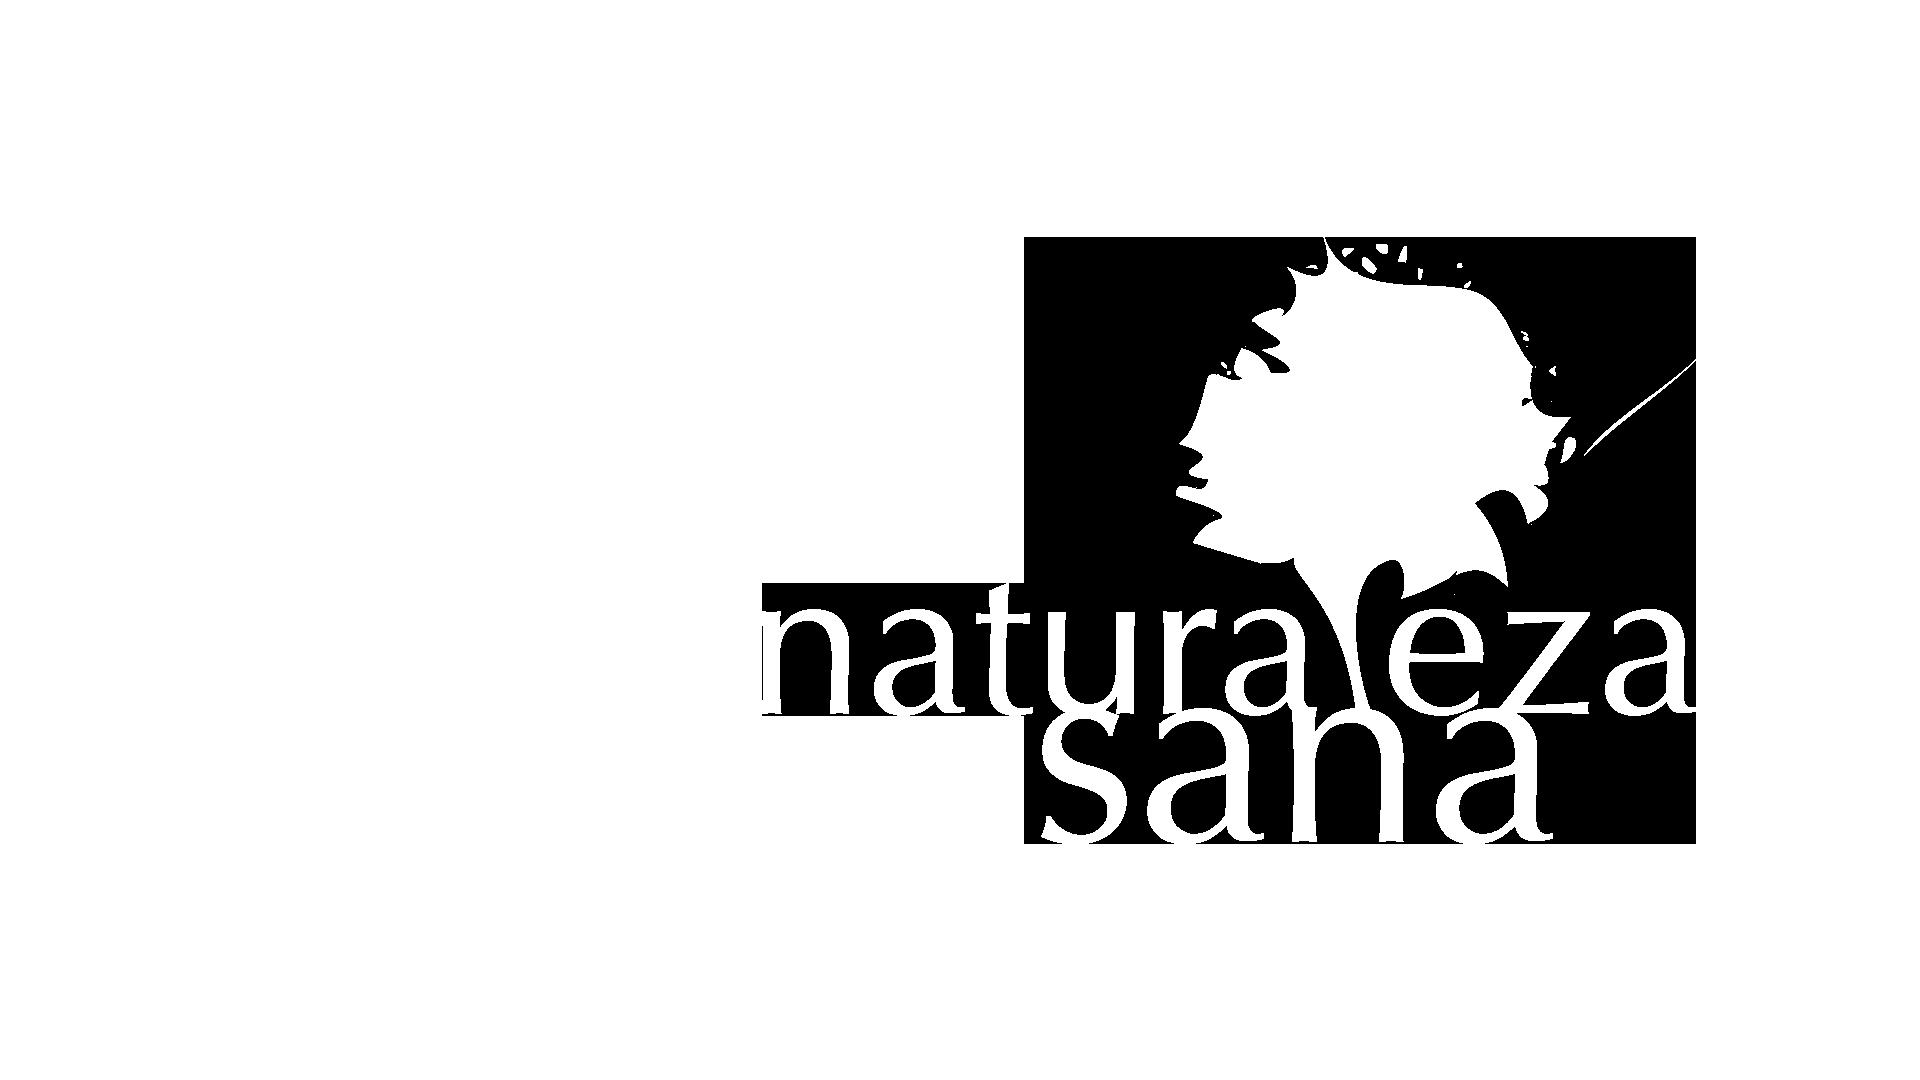 Naturaleza-Sana-Herbolarios-Parafarmacia-Santa-Cruz-de-Tenerife-OverHeaderLogo02